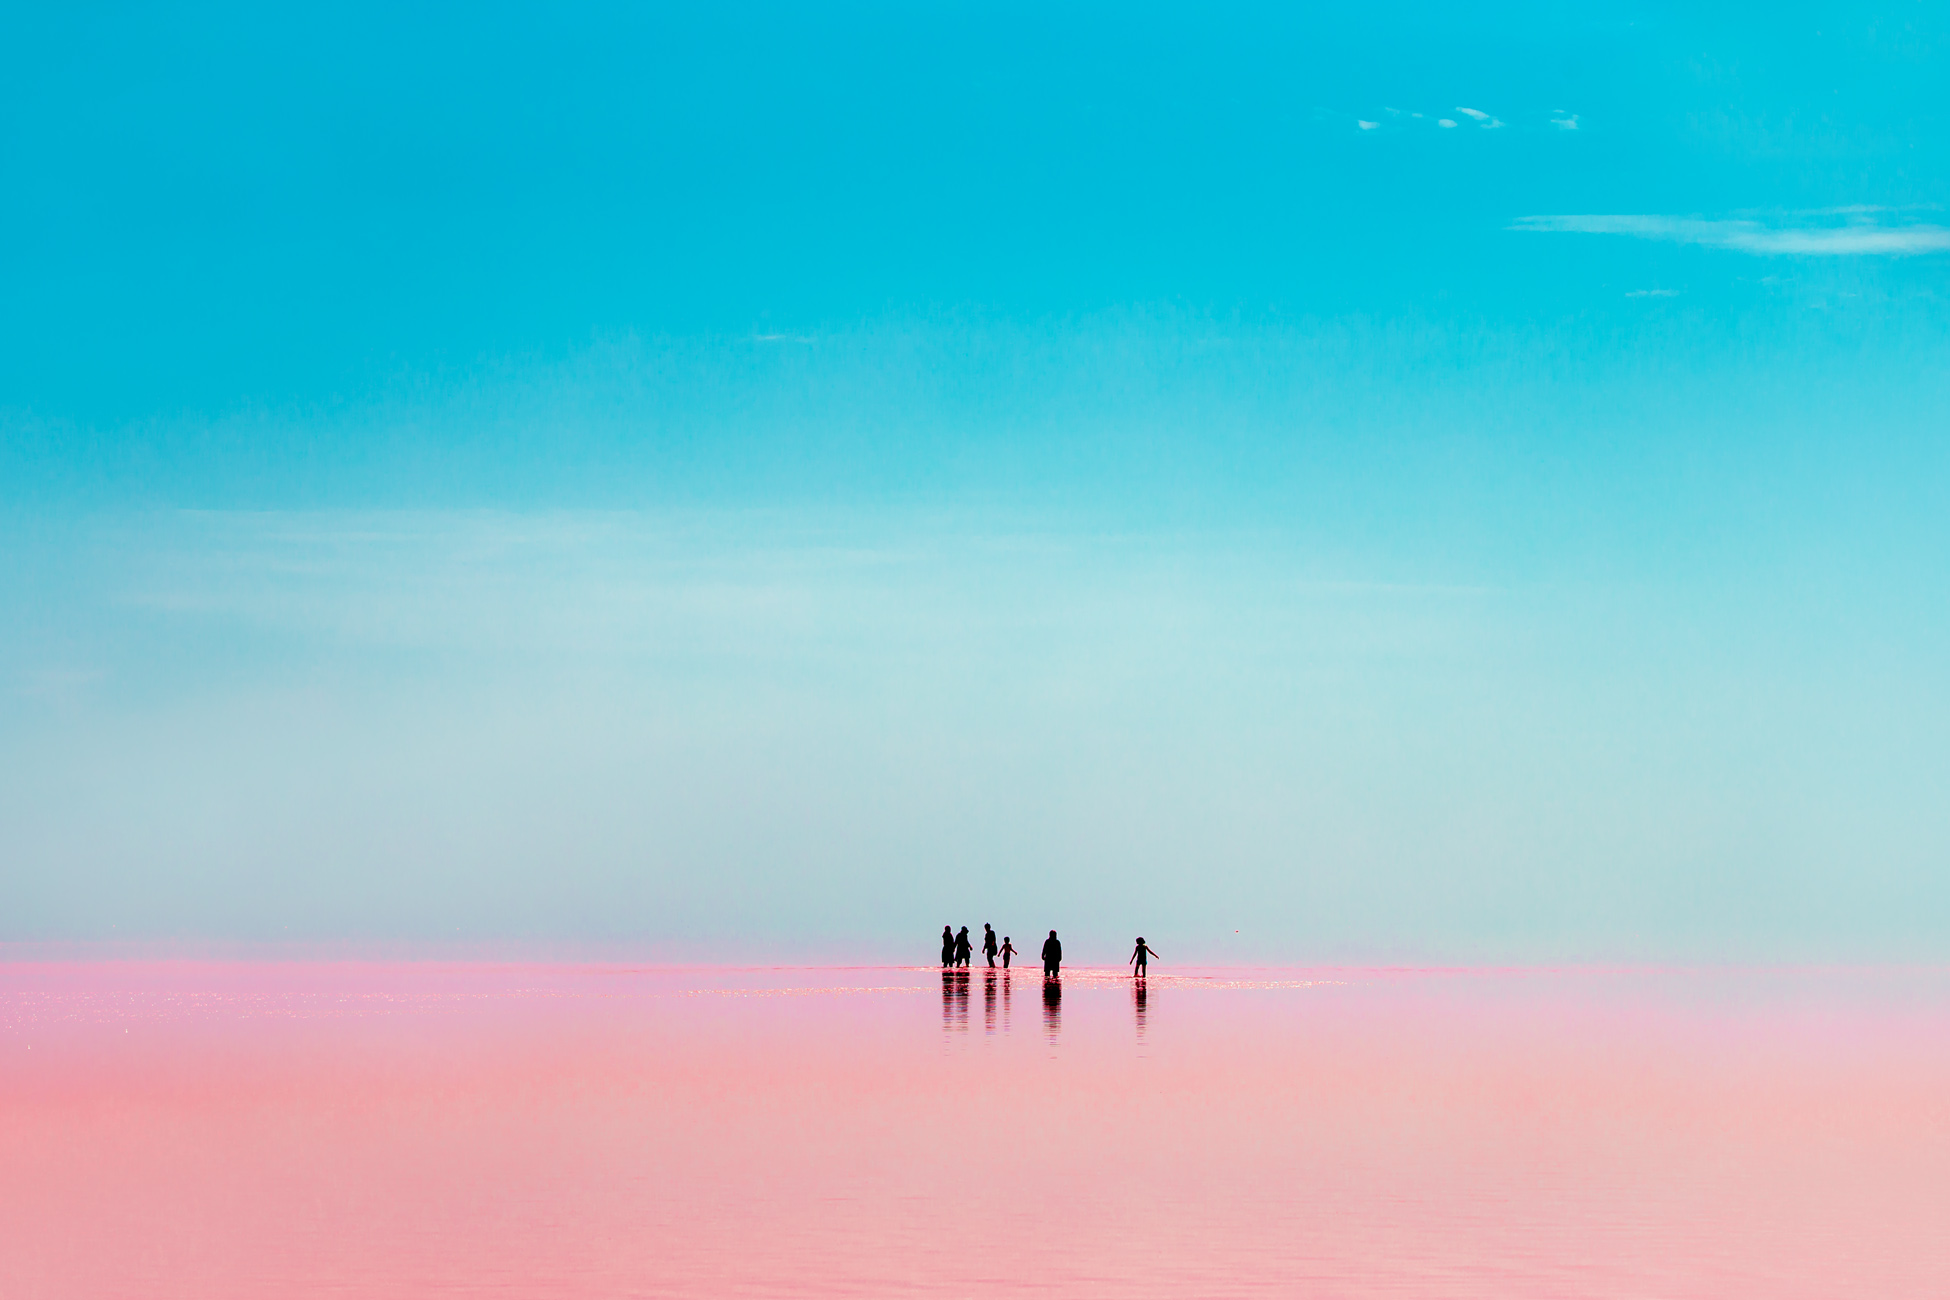 The-Lake-on-Its-Last-Legs-02